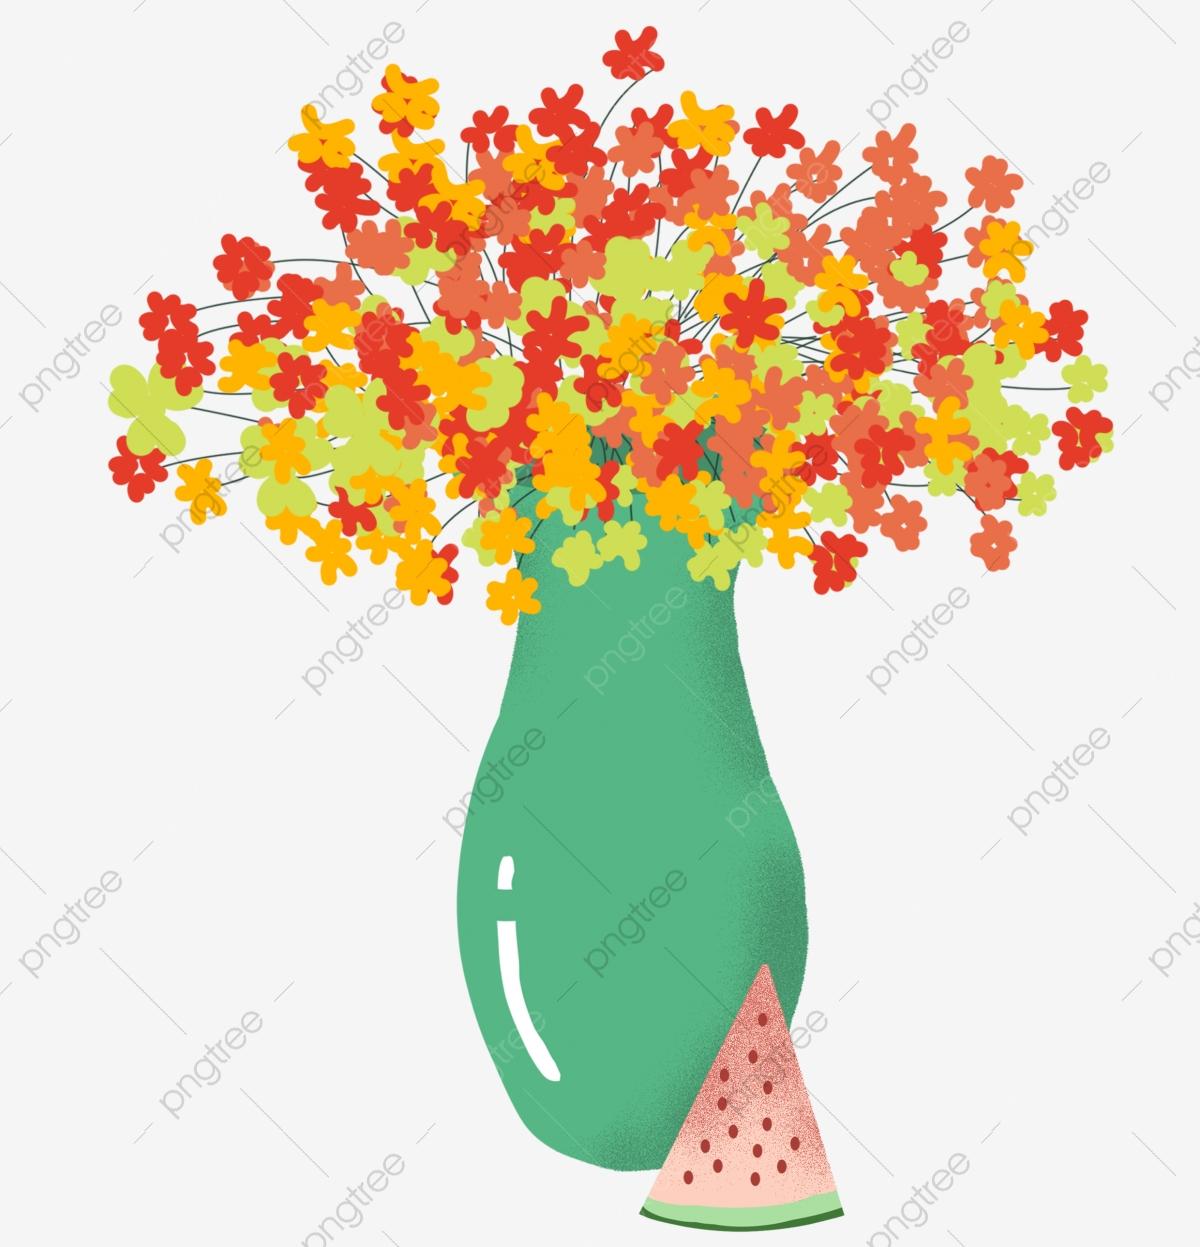 Gypsophila Sandia Florero Un Ramo De Flores Sandía Formato Png.